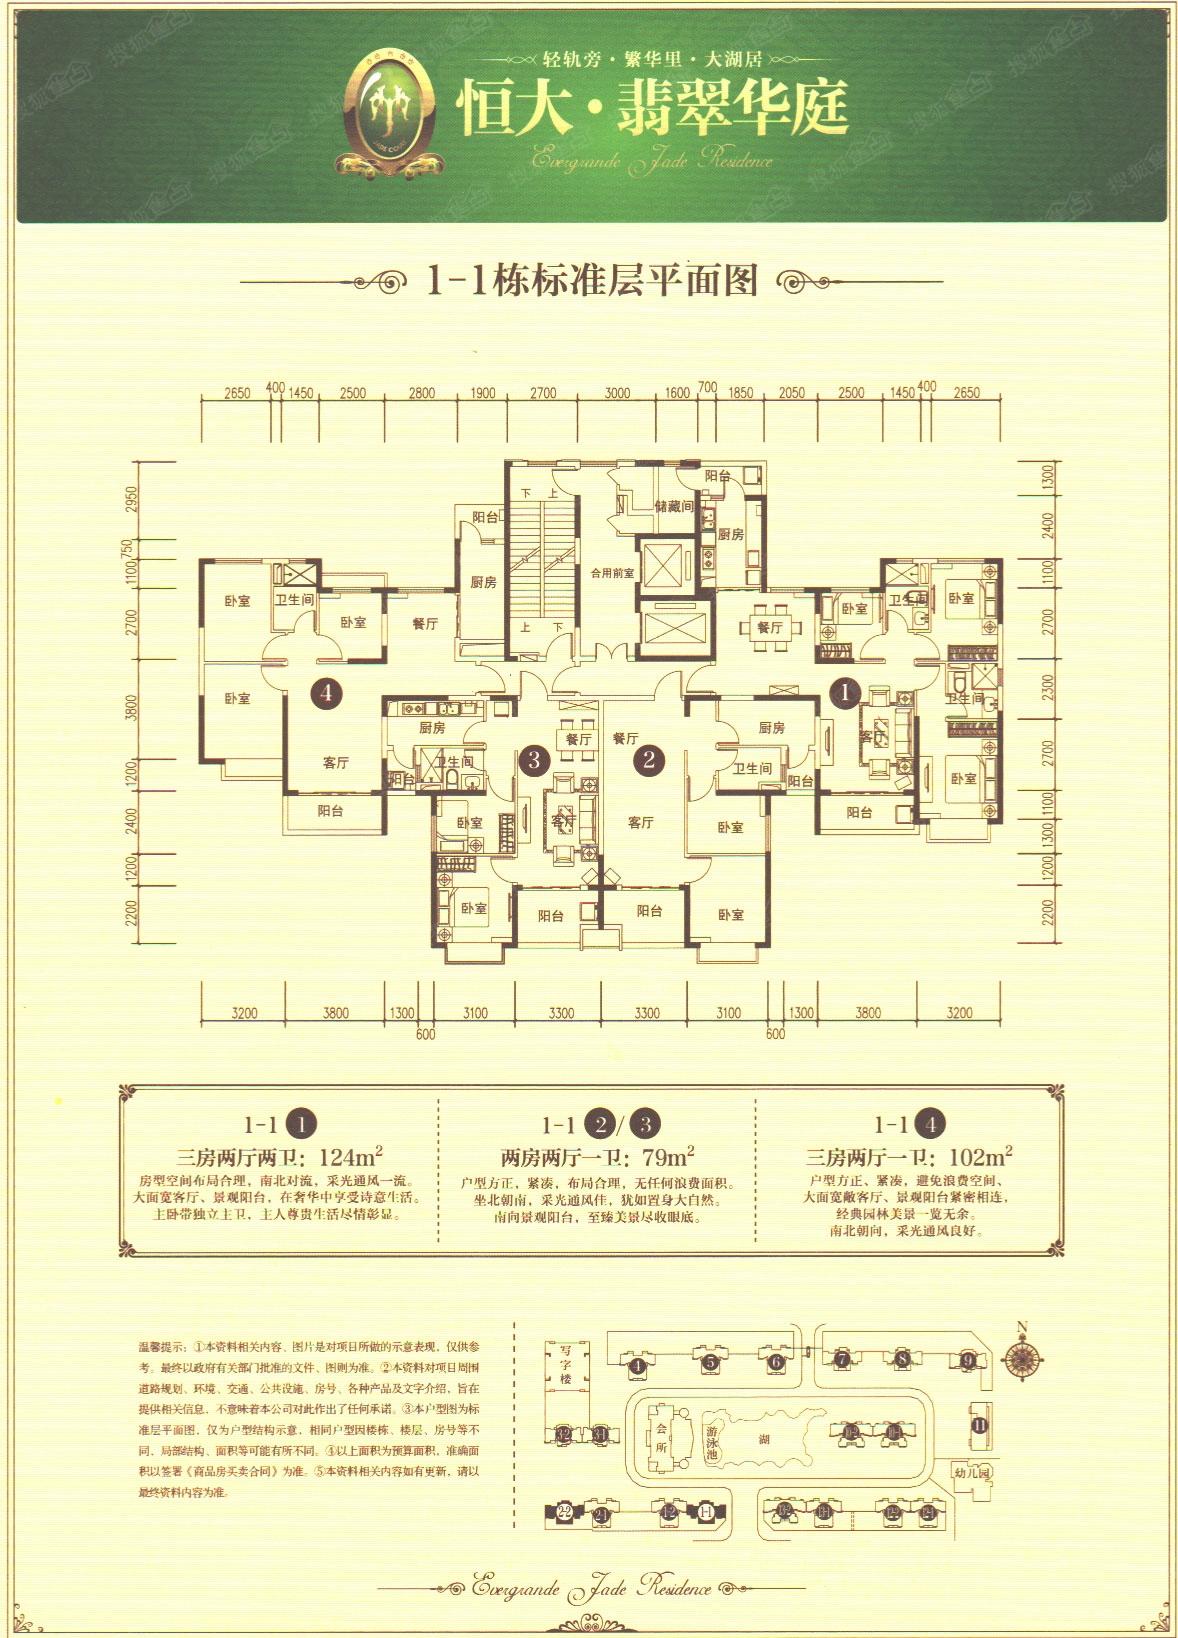 恒大翡翠华庭三居室1_恒大翡翠华庭户型图-贵阳搜狐